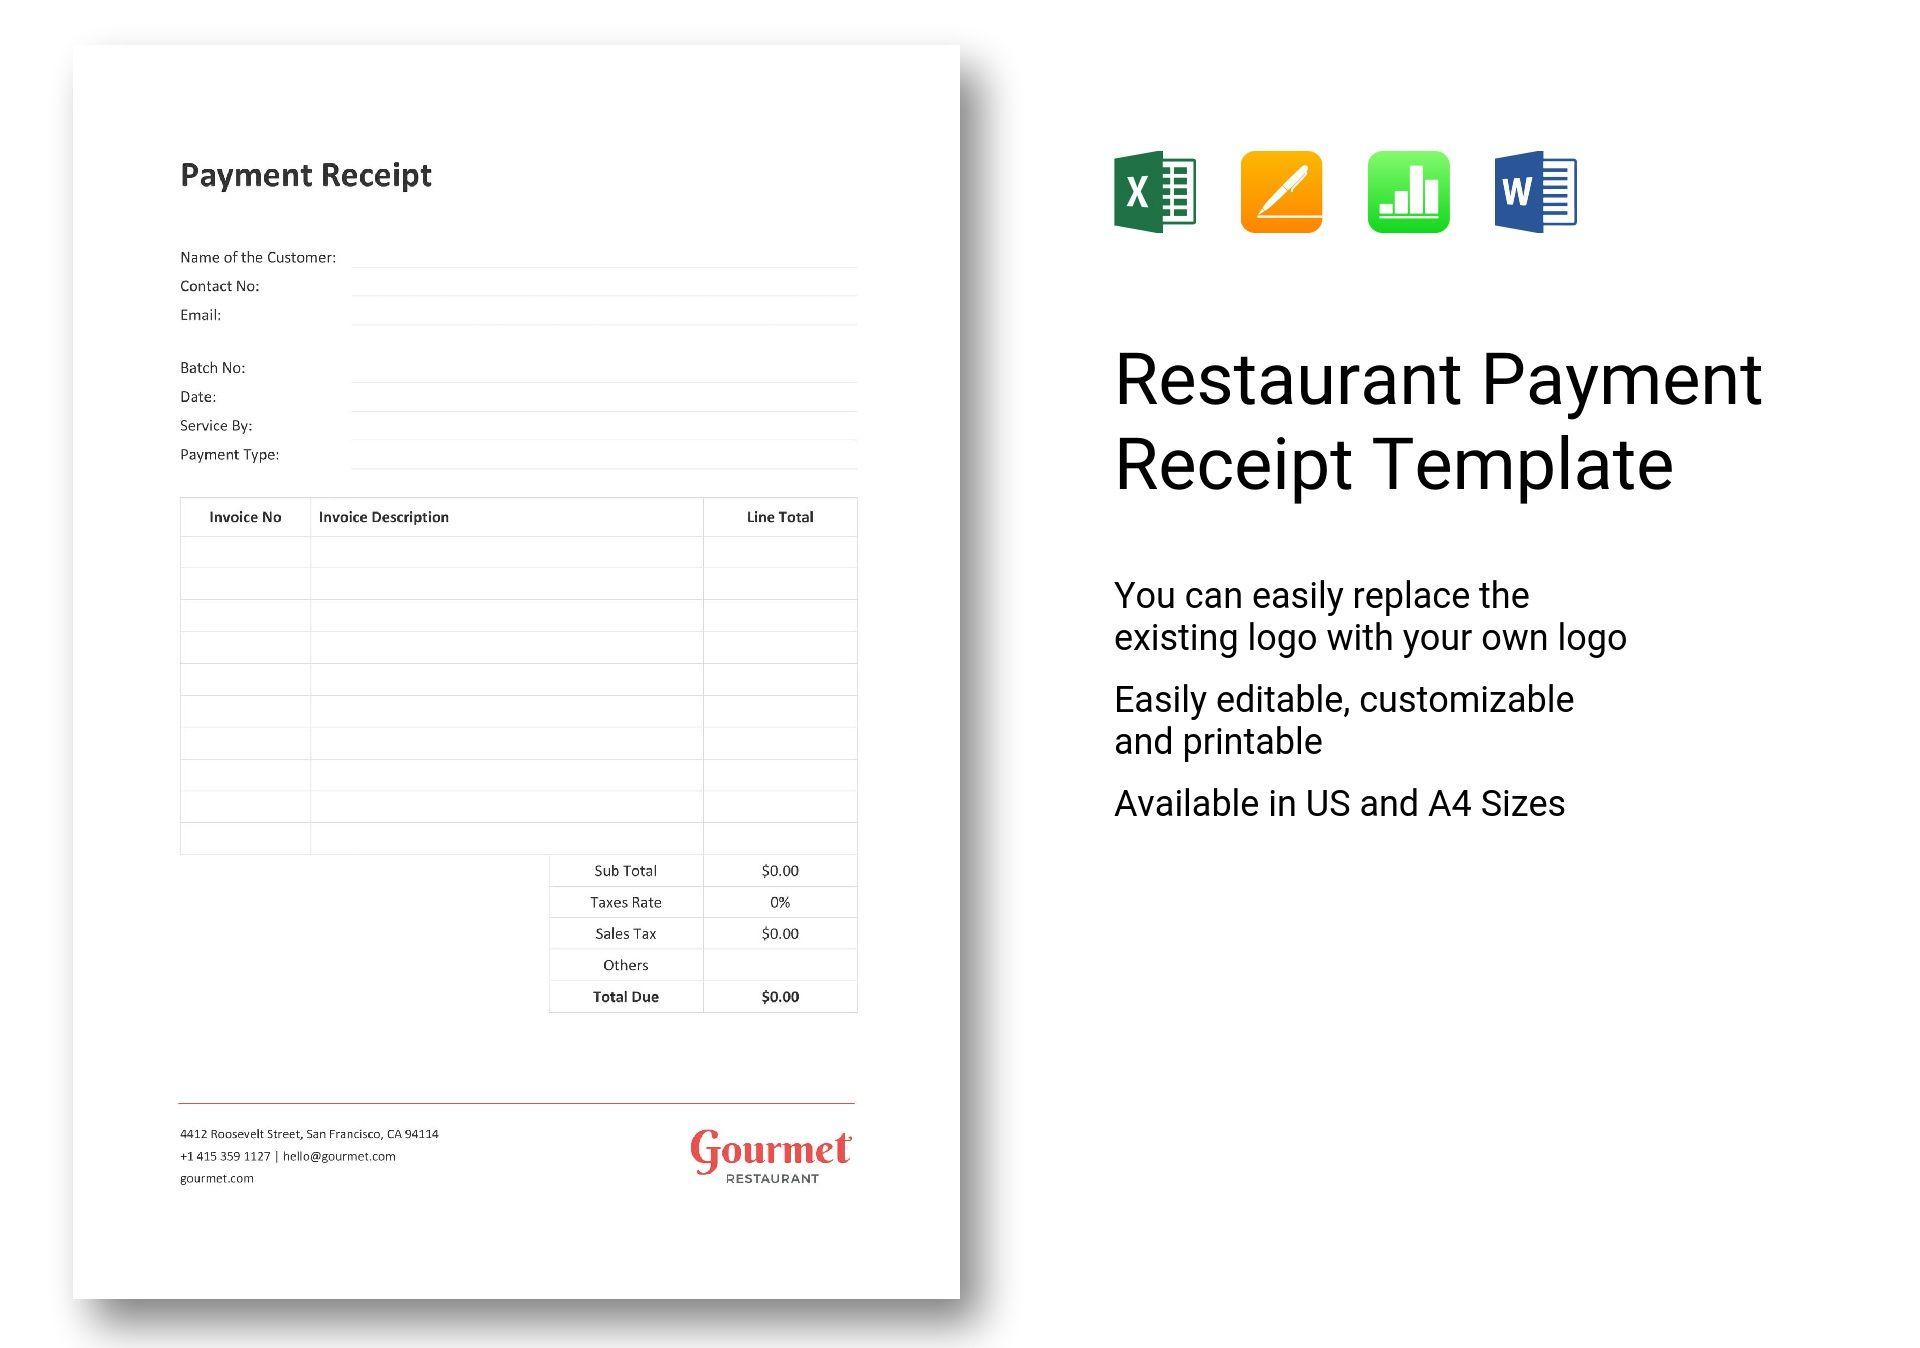 Restaurant Payment Receipt